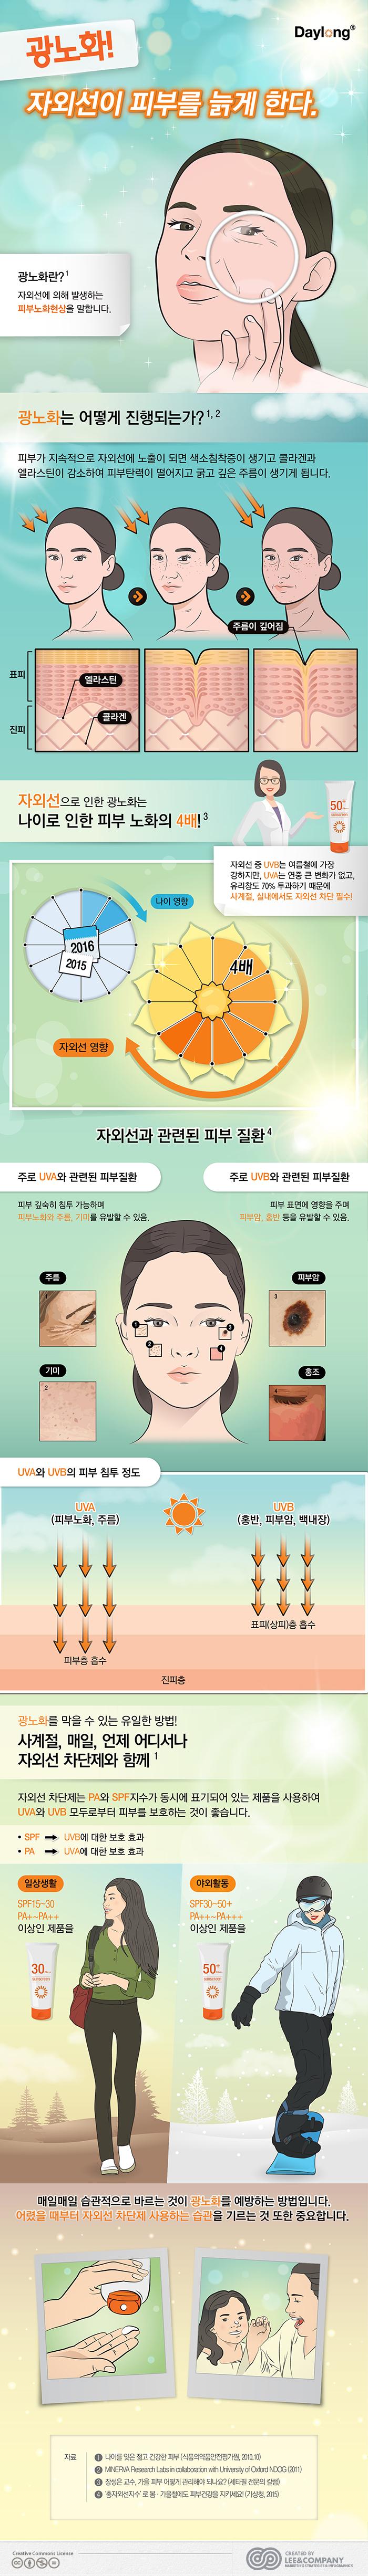 [리앤컴퍼니]_IN_자외선콘텐츠_1월